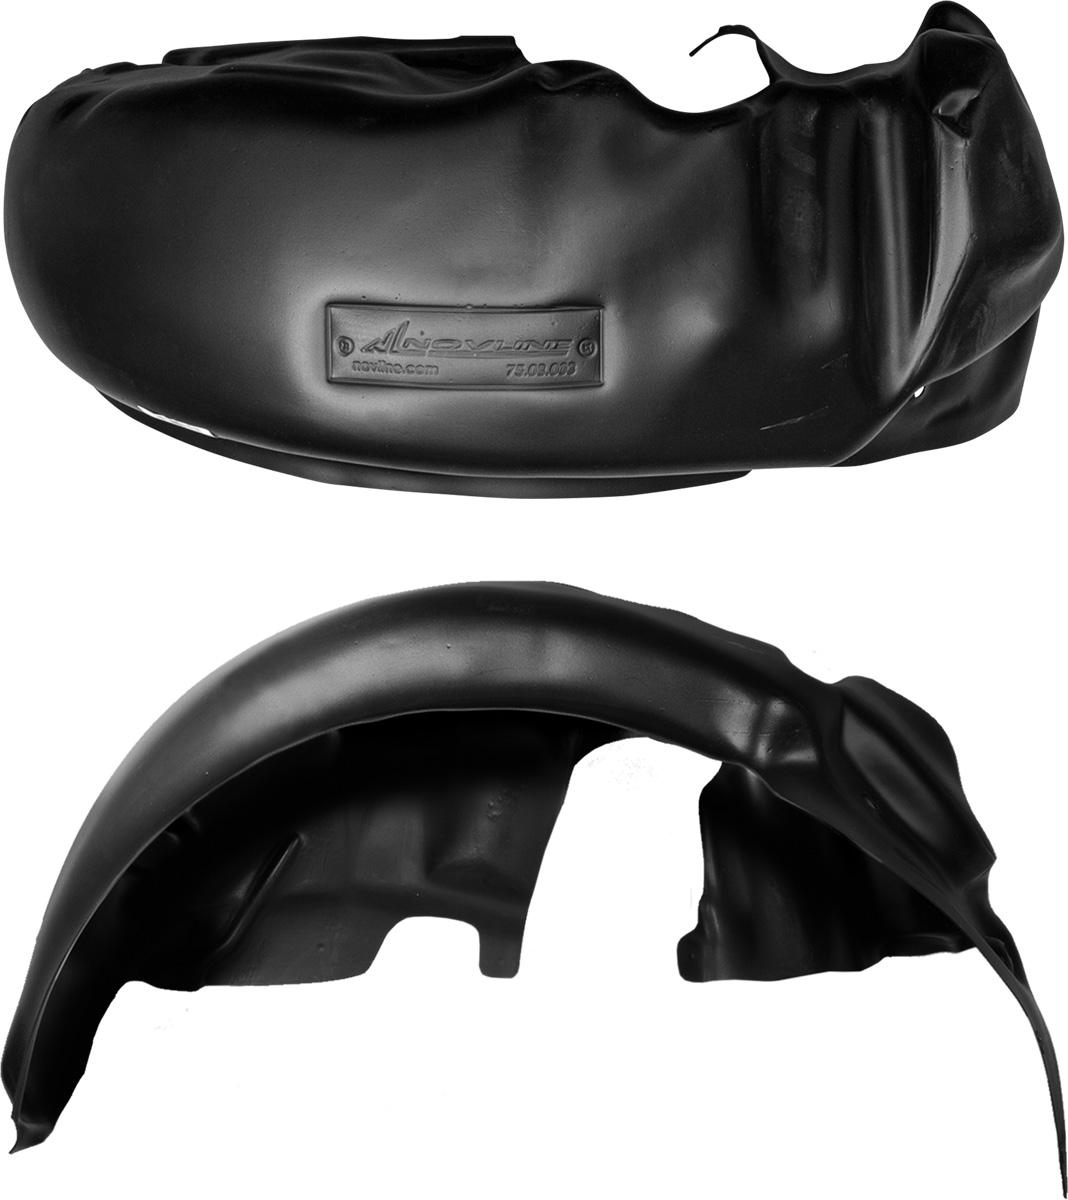 Подкрылок Novline-Autofamily, для Mazda CX-5, 2012-2015, задний левыйBI.MA.09.003Колесные ниши - одни из самых уязвимых зон днища вашего автомобиля. Они постоянно подвергаются воздействию со стороны дороги. Лучшая, почти абсолютная защита для них - специально отформованные пластиковые кожухи, которые называются подкрылками. Производятся они как для отечественных моделей автомобилей, так и для иномарок. Подкрылки Novline-Autofamily выполнены из высококачественного, экологически чистого пластика. Обеспечивают надежную защиту кузова автомобиля от пескоструйного эффекта и негативного влияния, агрессивных антигололедных реагентов. Пластик обладает более низкой теплопроводностью, чем металл, поэтому в зимний период эксплуатации использование пластиковых подкрылков позволяет лучше защитить колесные ниши от налипания снега и образования наледи. Оригинальность конструкции подчеркивает элегантность автомобиля, бережно защищает нанесенное на днище кузова антикоррозийное покрытие и позволяет осуществить крепление подкрылков внутри колесной арки практически без дополнительного крепежа и сверления, не нарушая при этом лакокрасочного покрытия, что предотвращает возникновение новых очагов коррозии. Подкрылки долговечны, обладают высокой прочностью и сохраняют заданную форму, а также все свои физико-механические характеристики в самых тяжелых климатических условиях (от -50°С до +50°С).Уважаемые клиенты!Обращаем ваше внимание, на тот факт, что подкрылок имеет форму, соответствующую модели данного автомобиля. Фото служит для визуального восприятия товара.